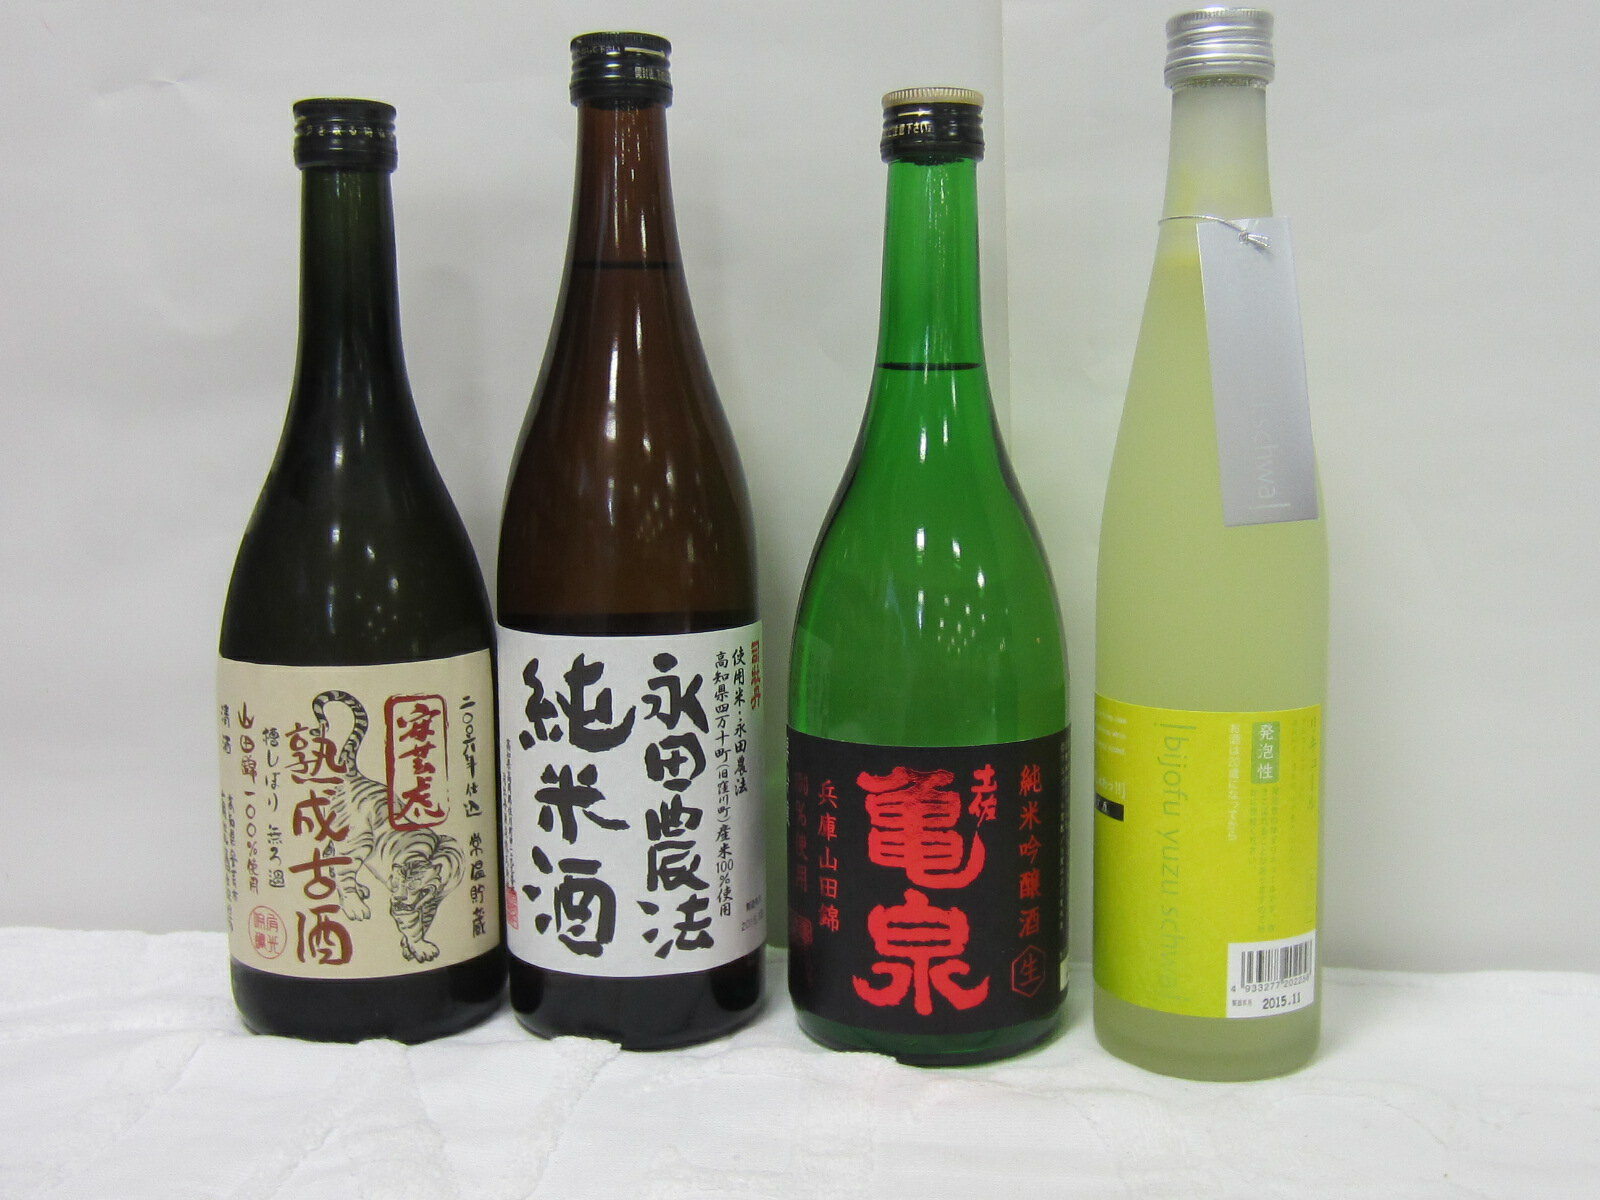 日本酒セット 高知 酒 飲み比べセット 香りと味わいタイプ別 日本酒 高知 ホワイトデー 敬老の日